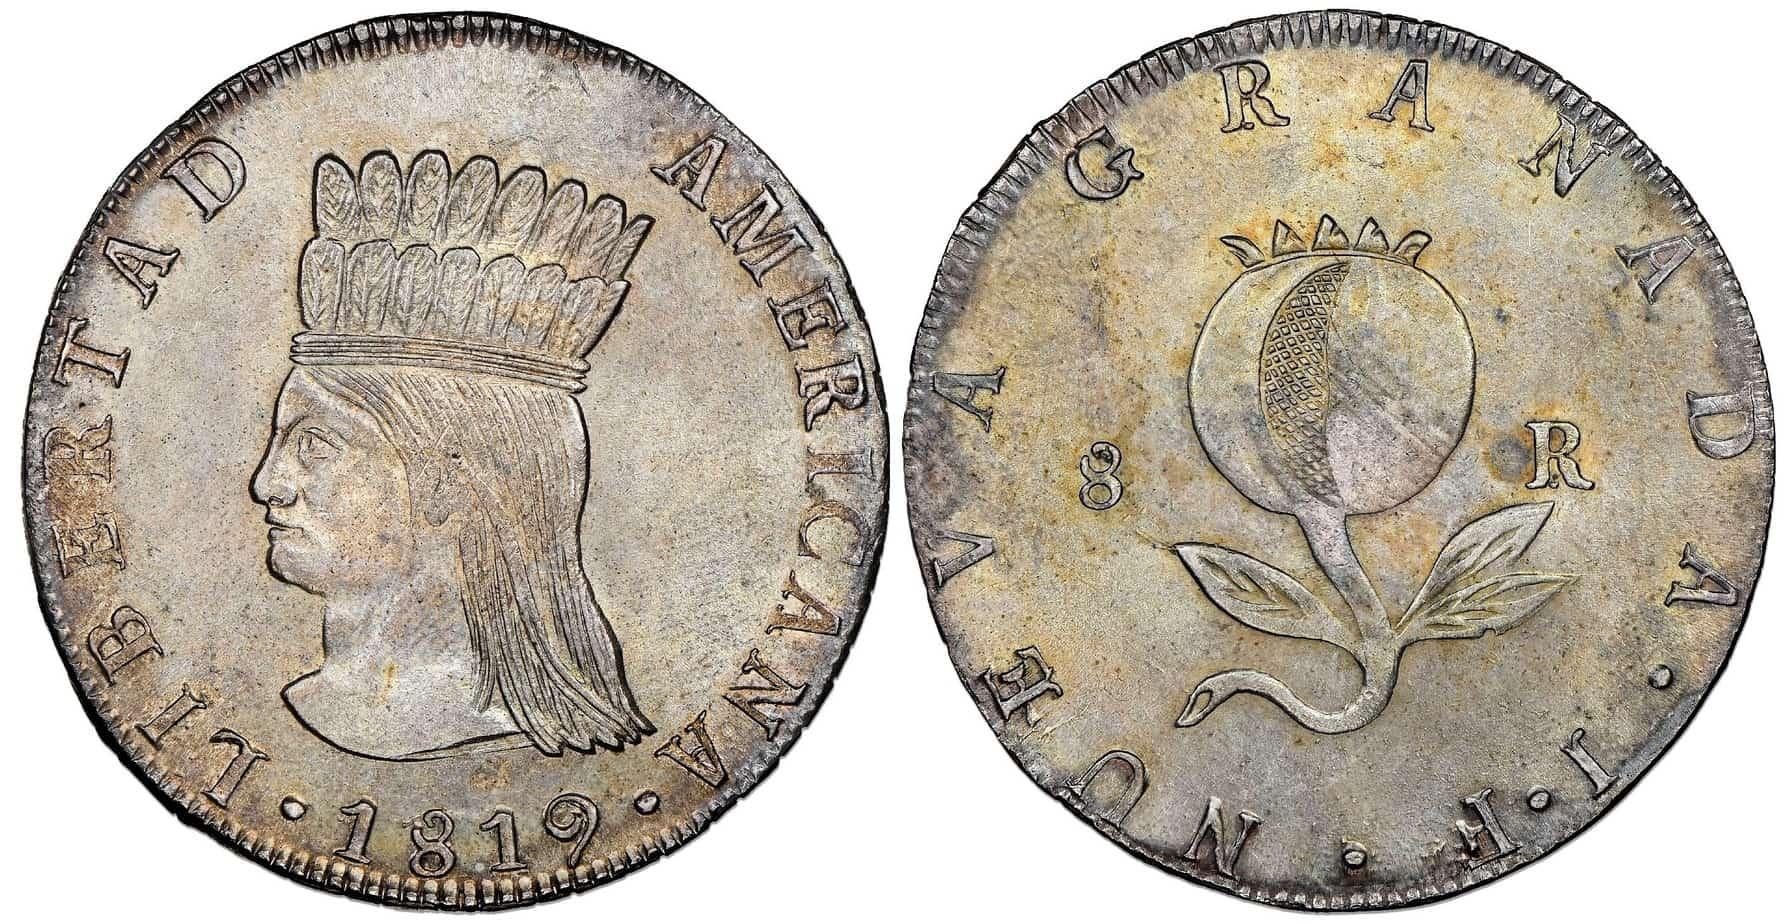 8 reales de Bogotá, 1819